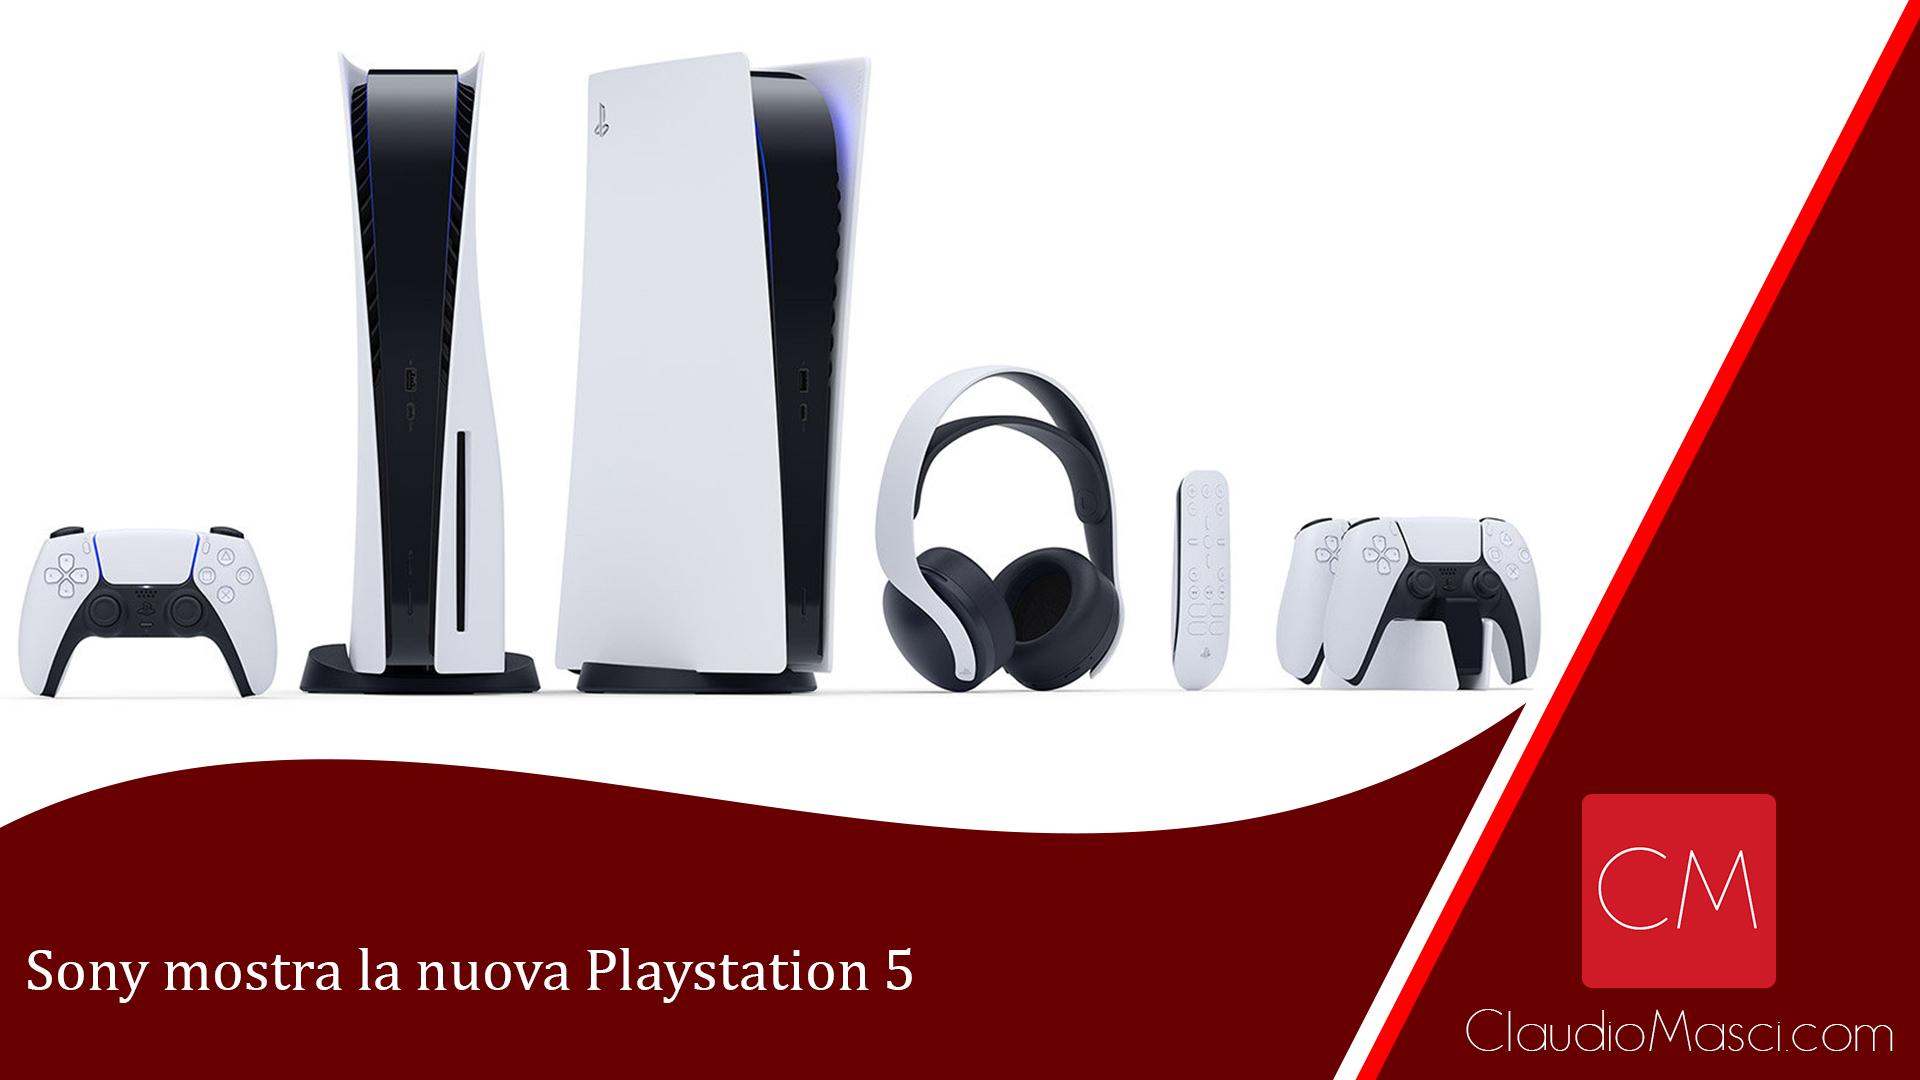 Sony mostra la nuova Playstation 5